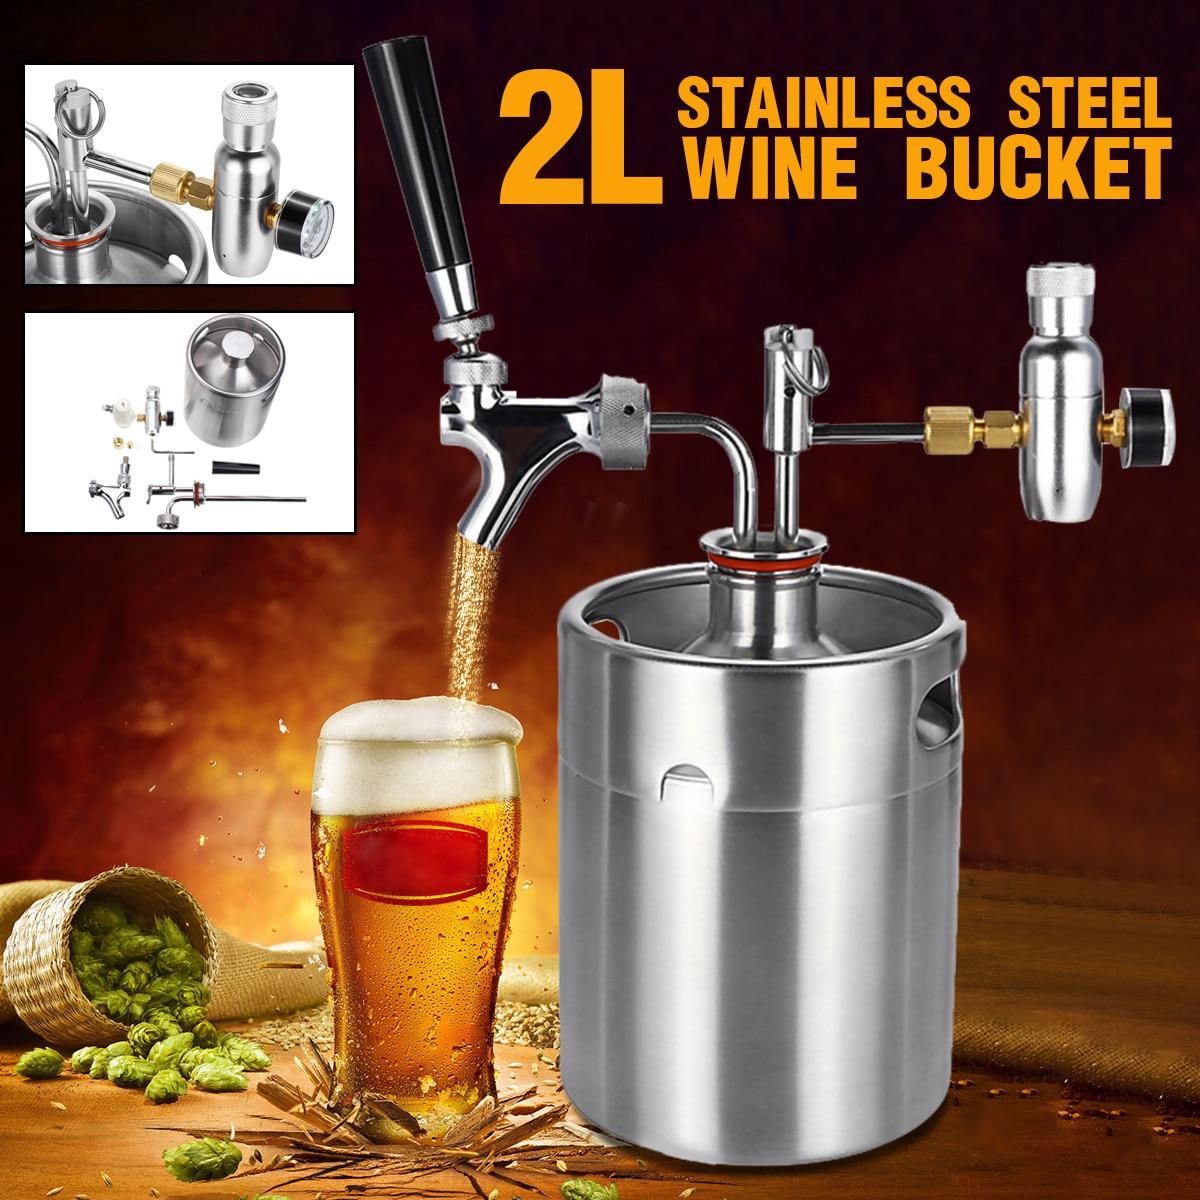 2L Durable Edelstahl Wein Bier Fass Hause Bier Dispenser Brummstimme Bier Brau Handwerk Mini Bier Fass Mit Wasserhahn Druck